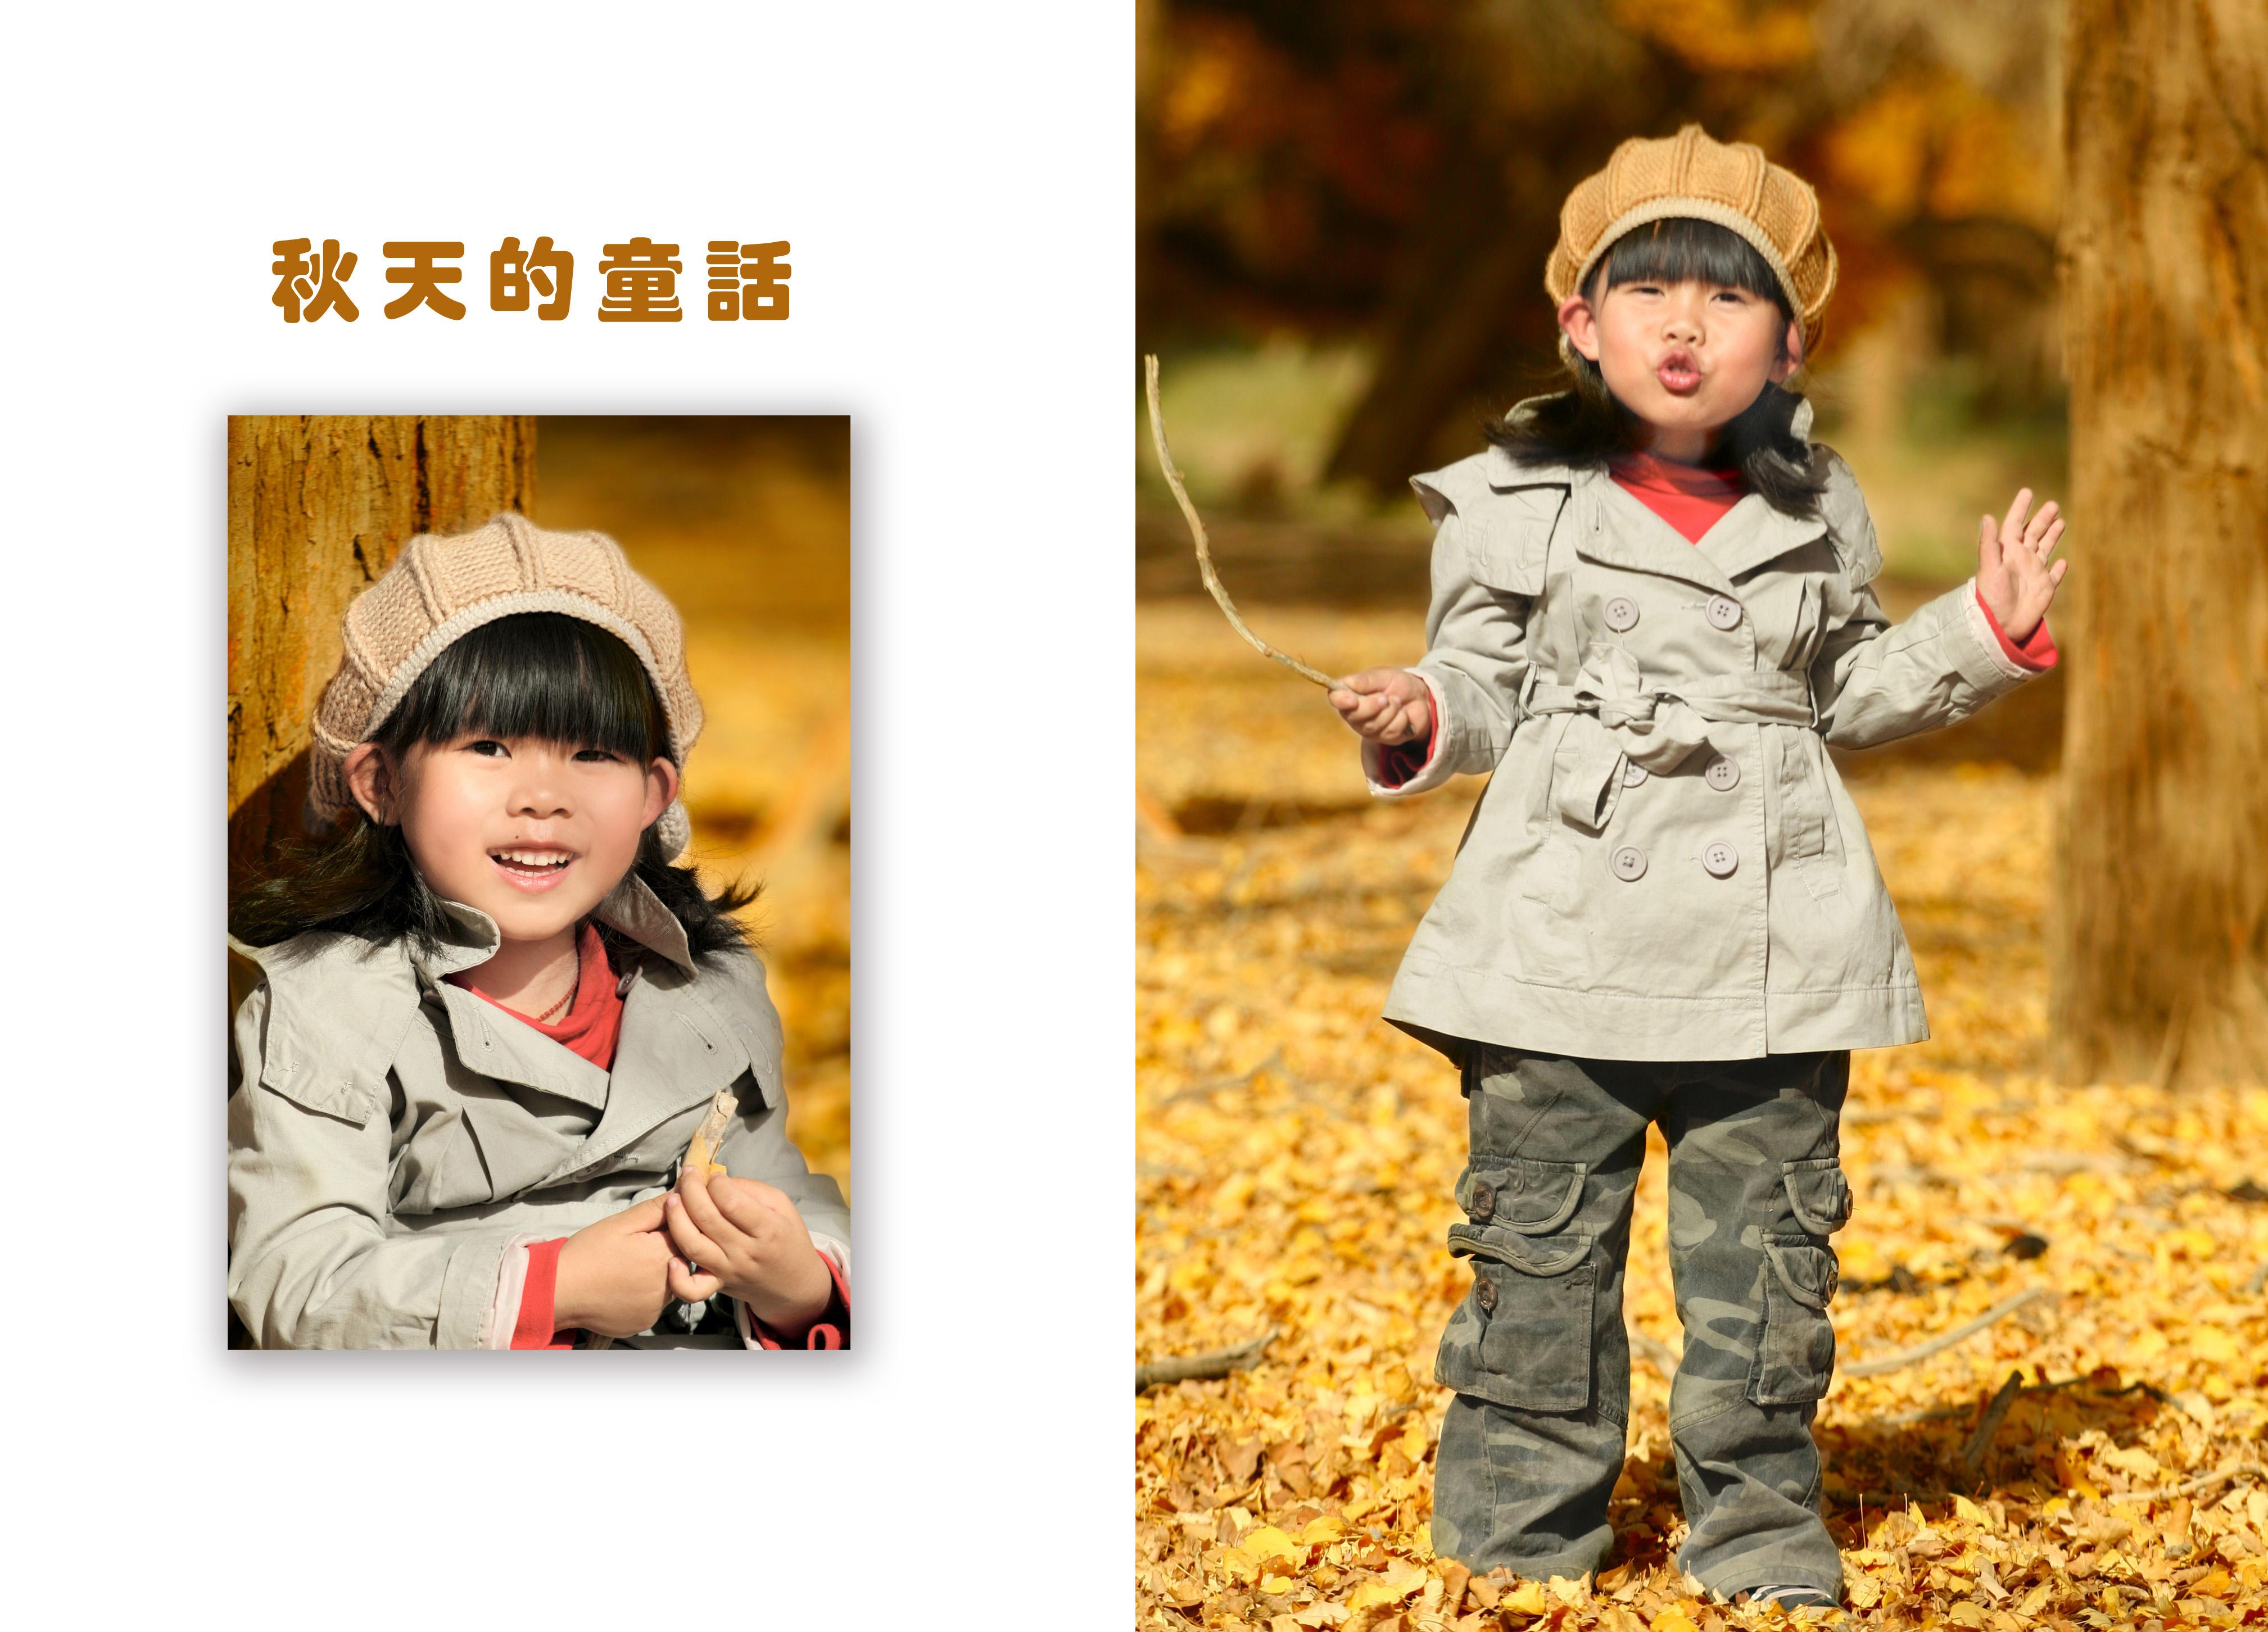 秋天的童话 - 儿童摄影作品 黑光论坛